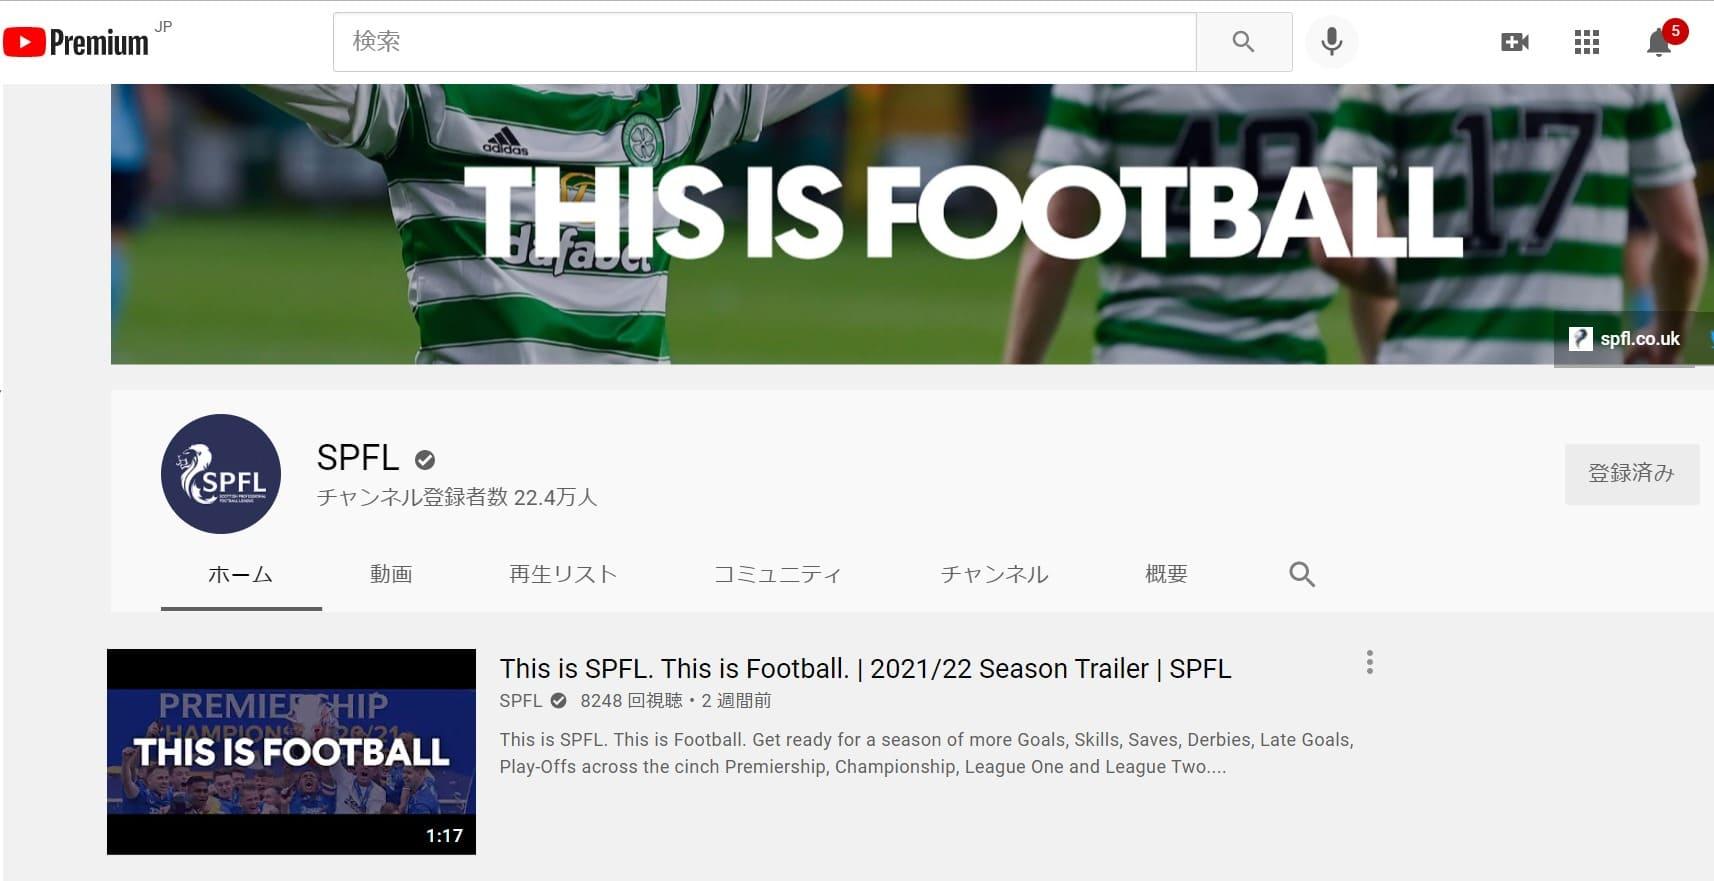 公式YouTubeチャンネル_SPFL(スコティッシュ・プロフェッショナル・フットボールリーグ) (1)